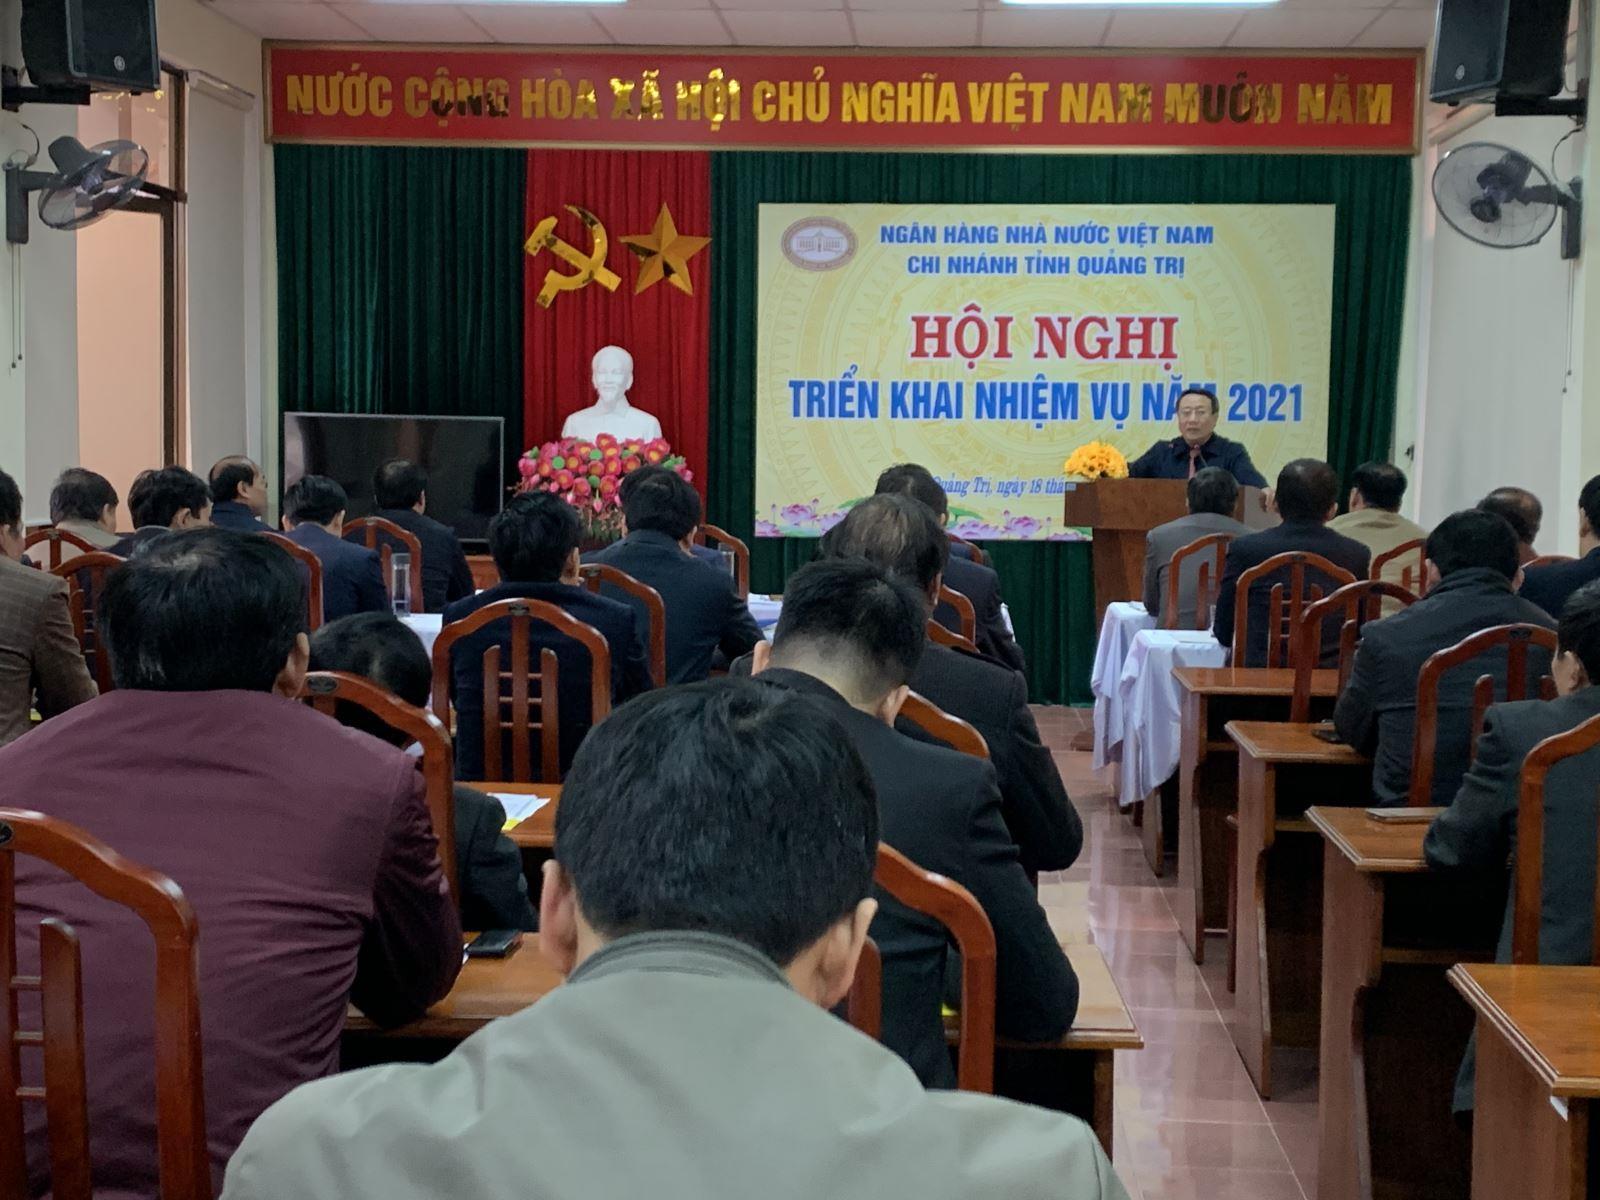 Ngân hàng Nhà nước Việt Nam Chi nhánh Quảng Trị triển khai nhiệm vụ năm 2021